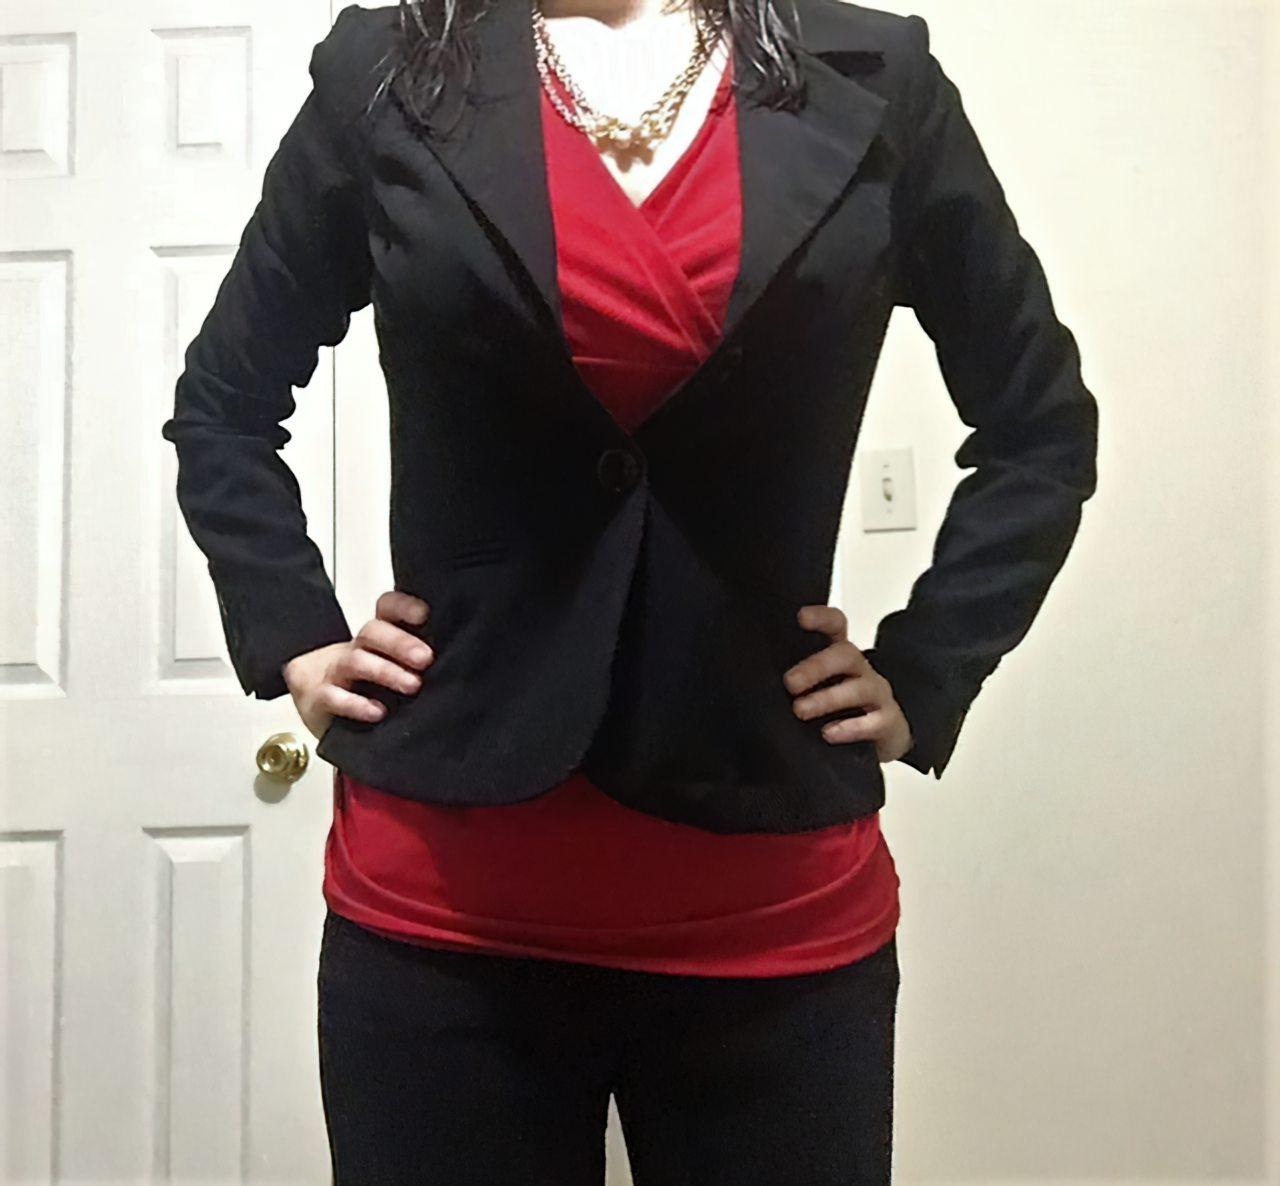 Amadora Vestindo-se Para Ir Trabalhar (13)